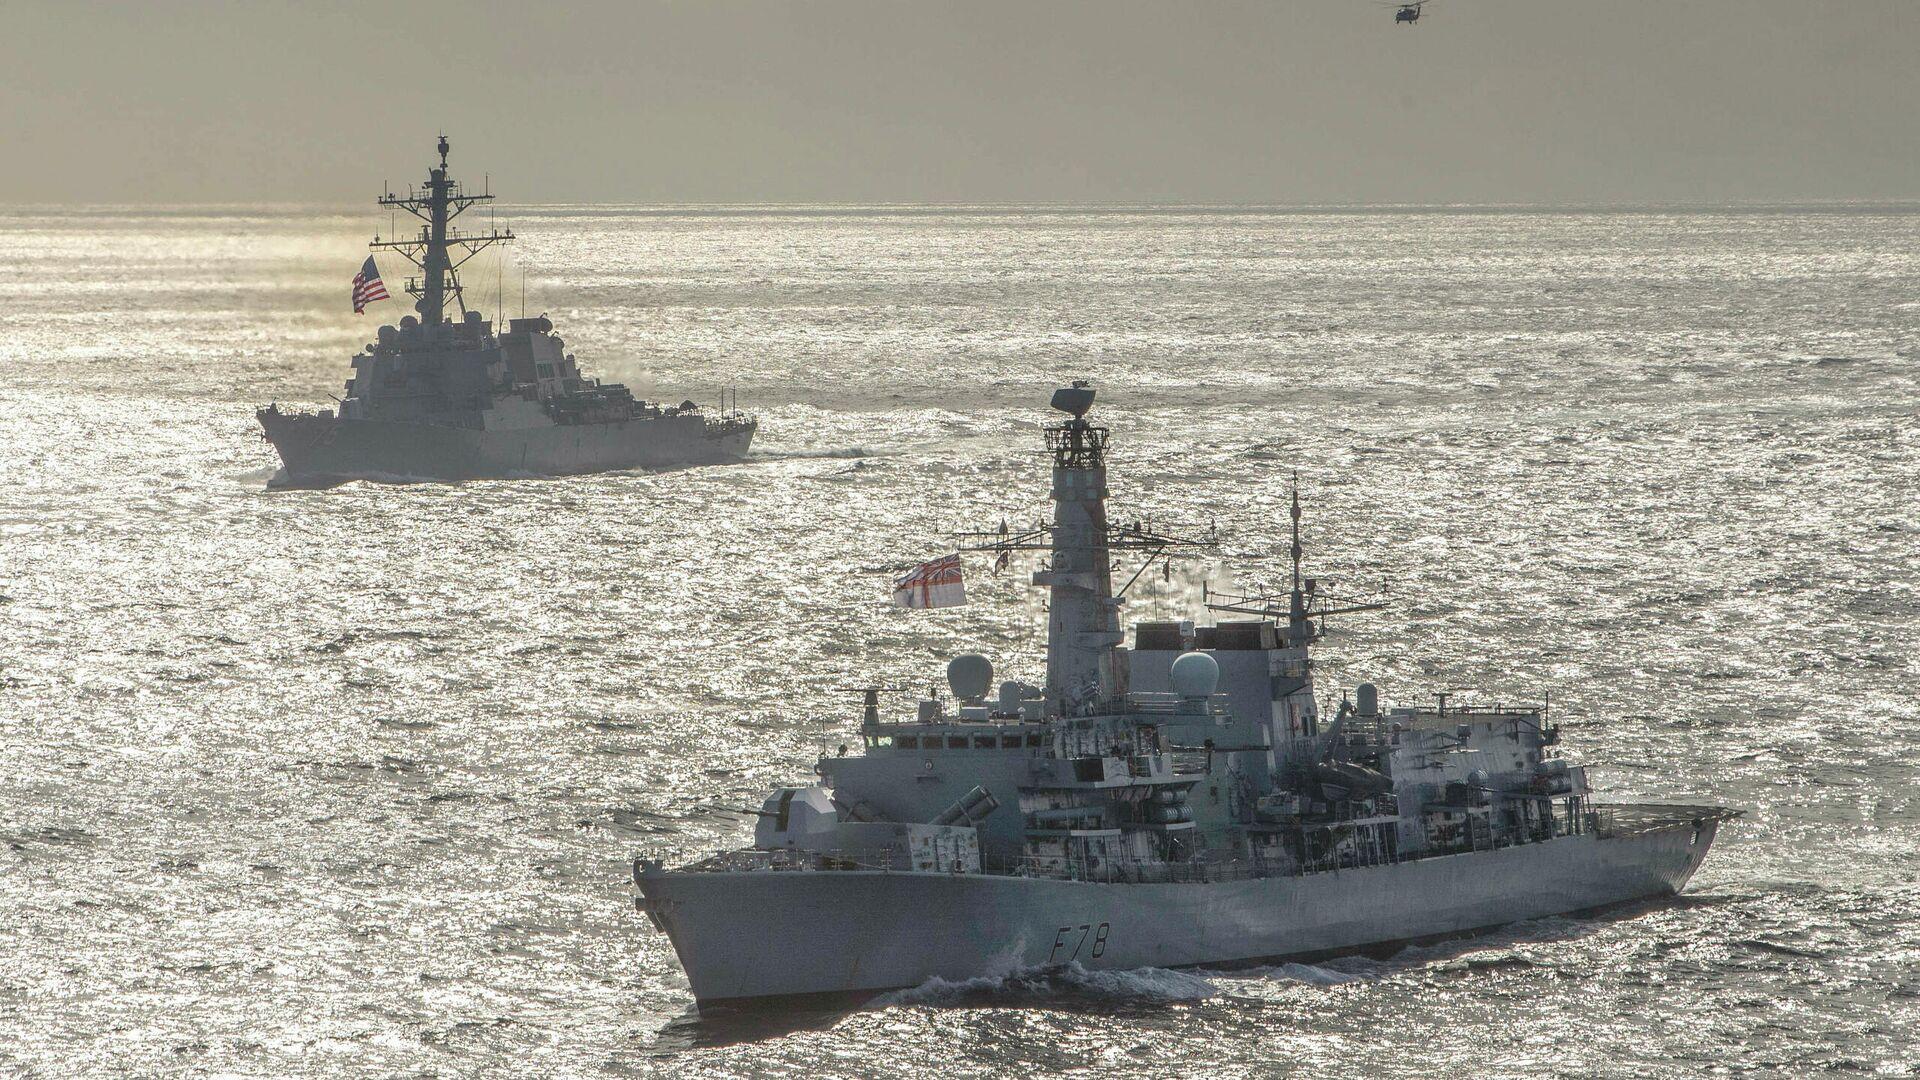 Эсминец ВМС США Дональд Кук и британский фрегат Кент во время учений в Баренцевом море. 5 мая 2020 - РИА Новости, 1920, 17.09.2020